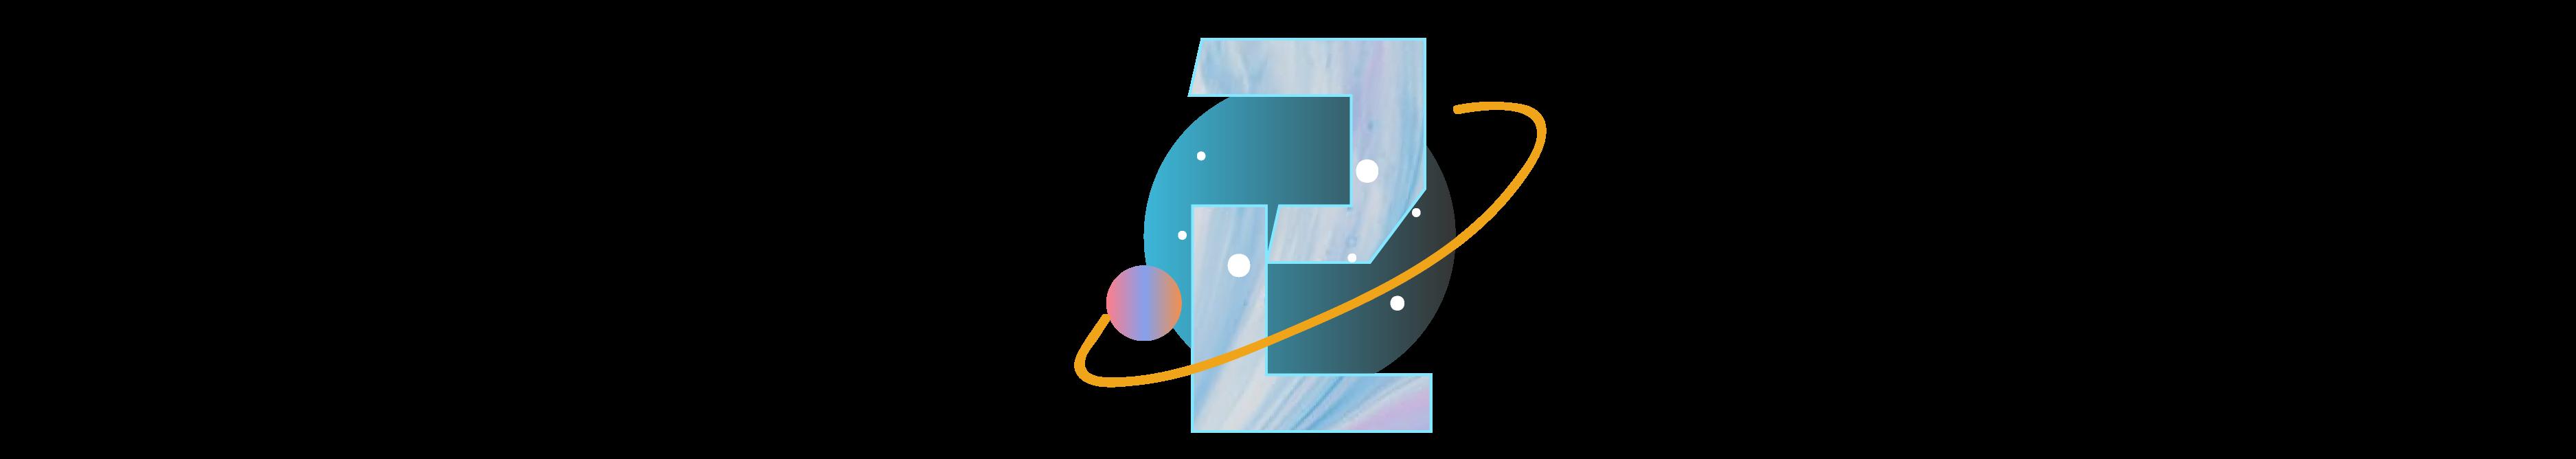 2021年6月十二星座塔罗运势,2021年运势最好的星座  第5张